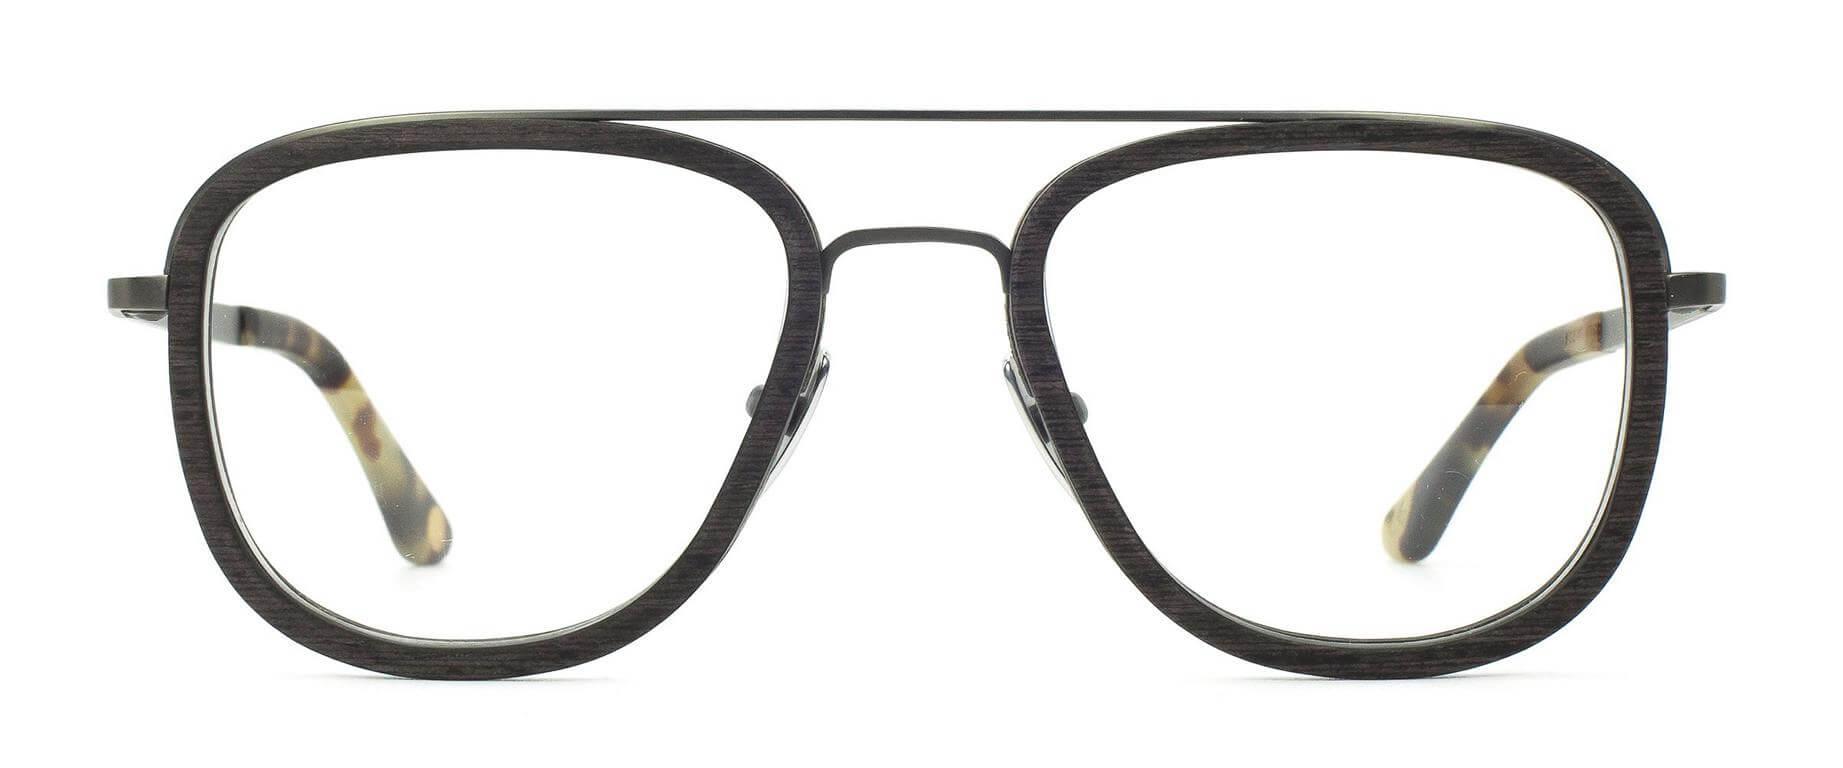 EINSTOFFEN - Brille - Modell: Buchsenmacher